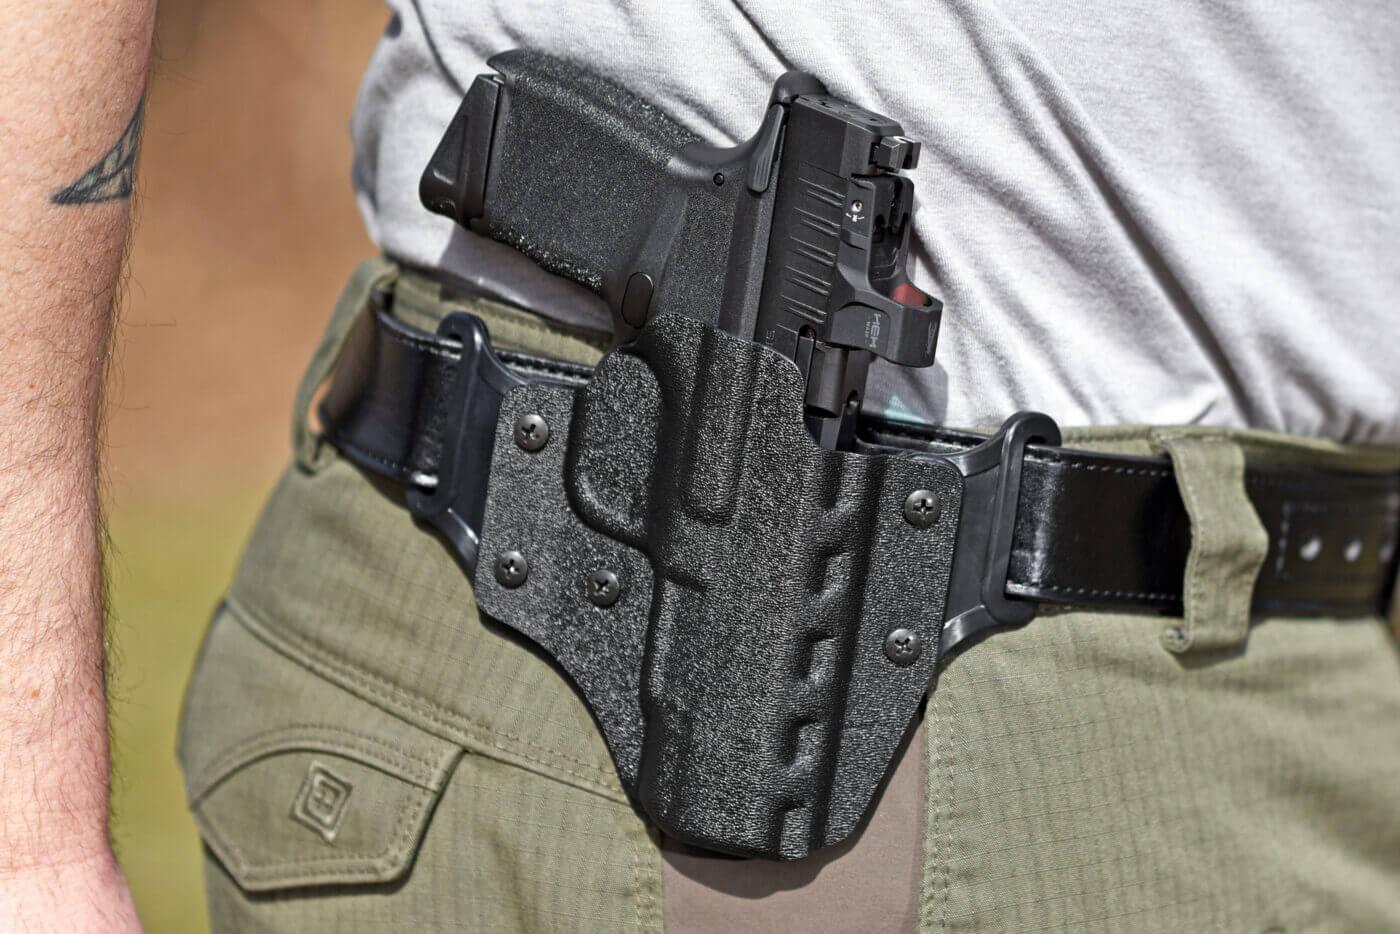 Man wearing DeSantis Veiled Partner holster with pistol